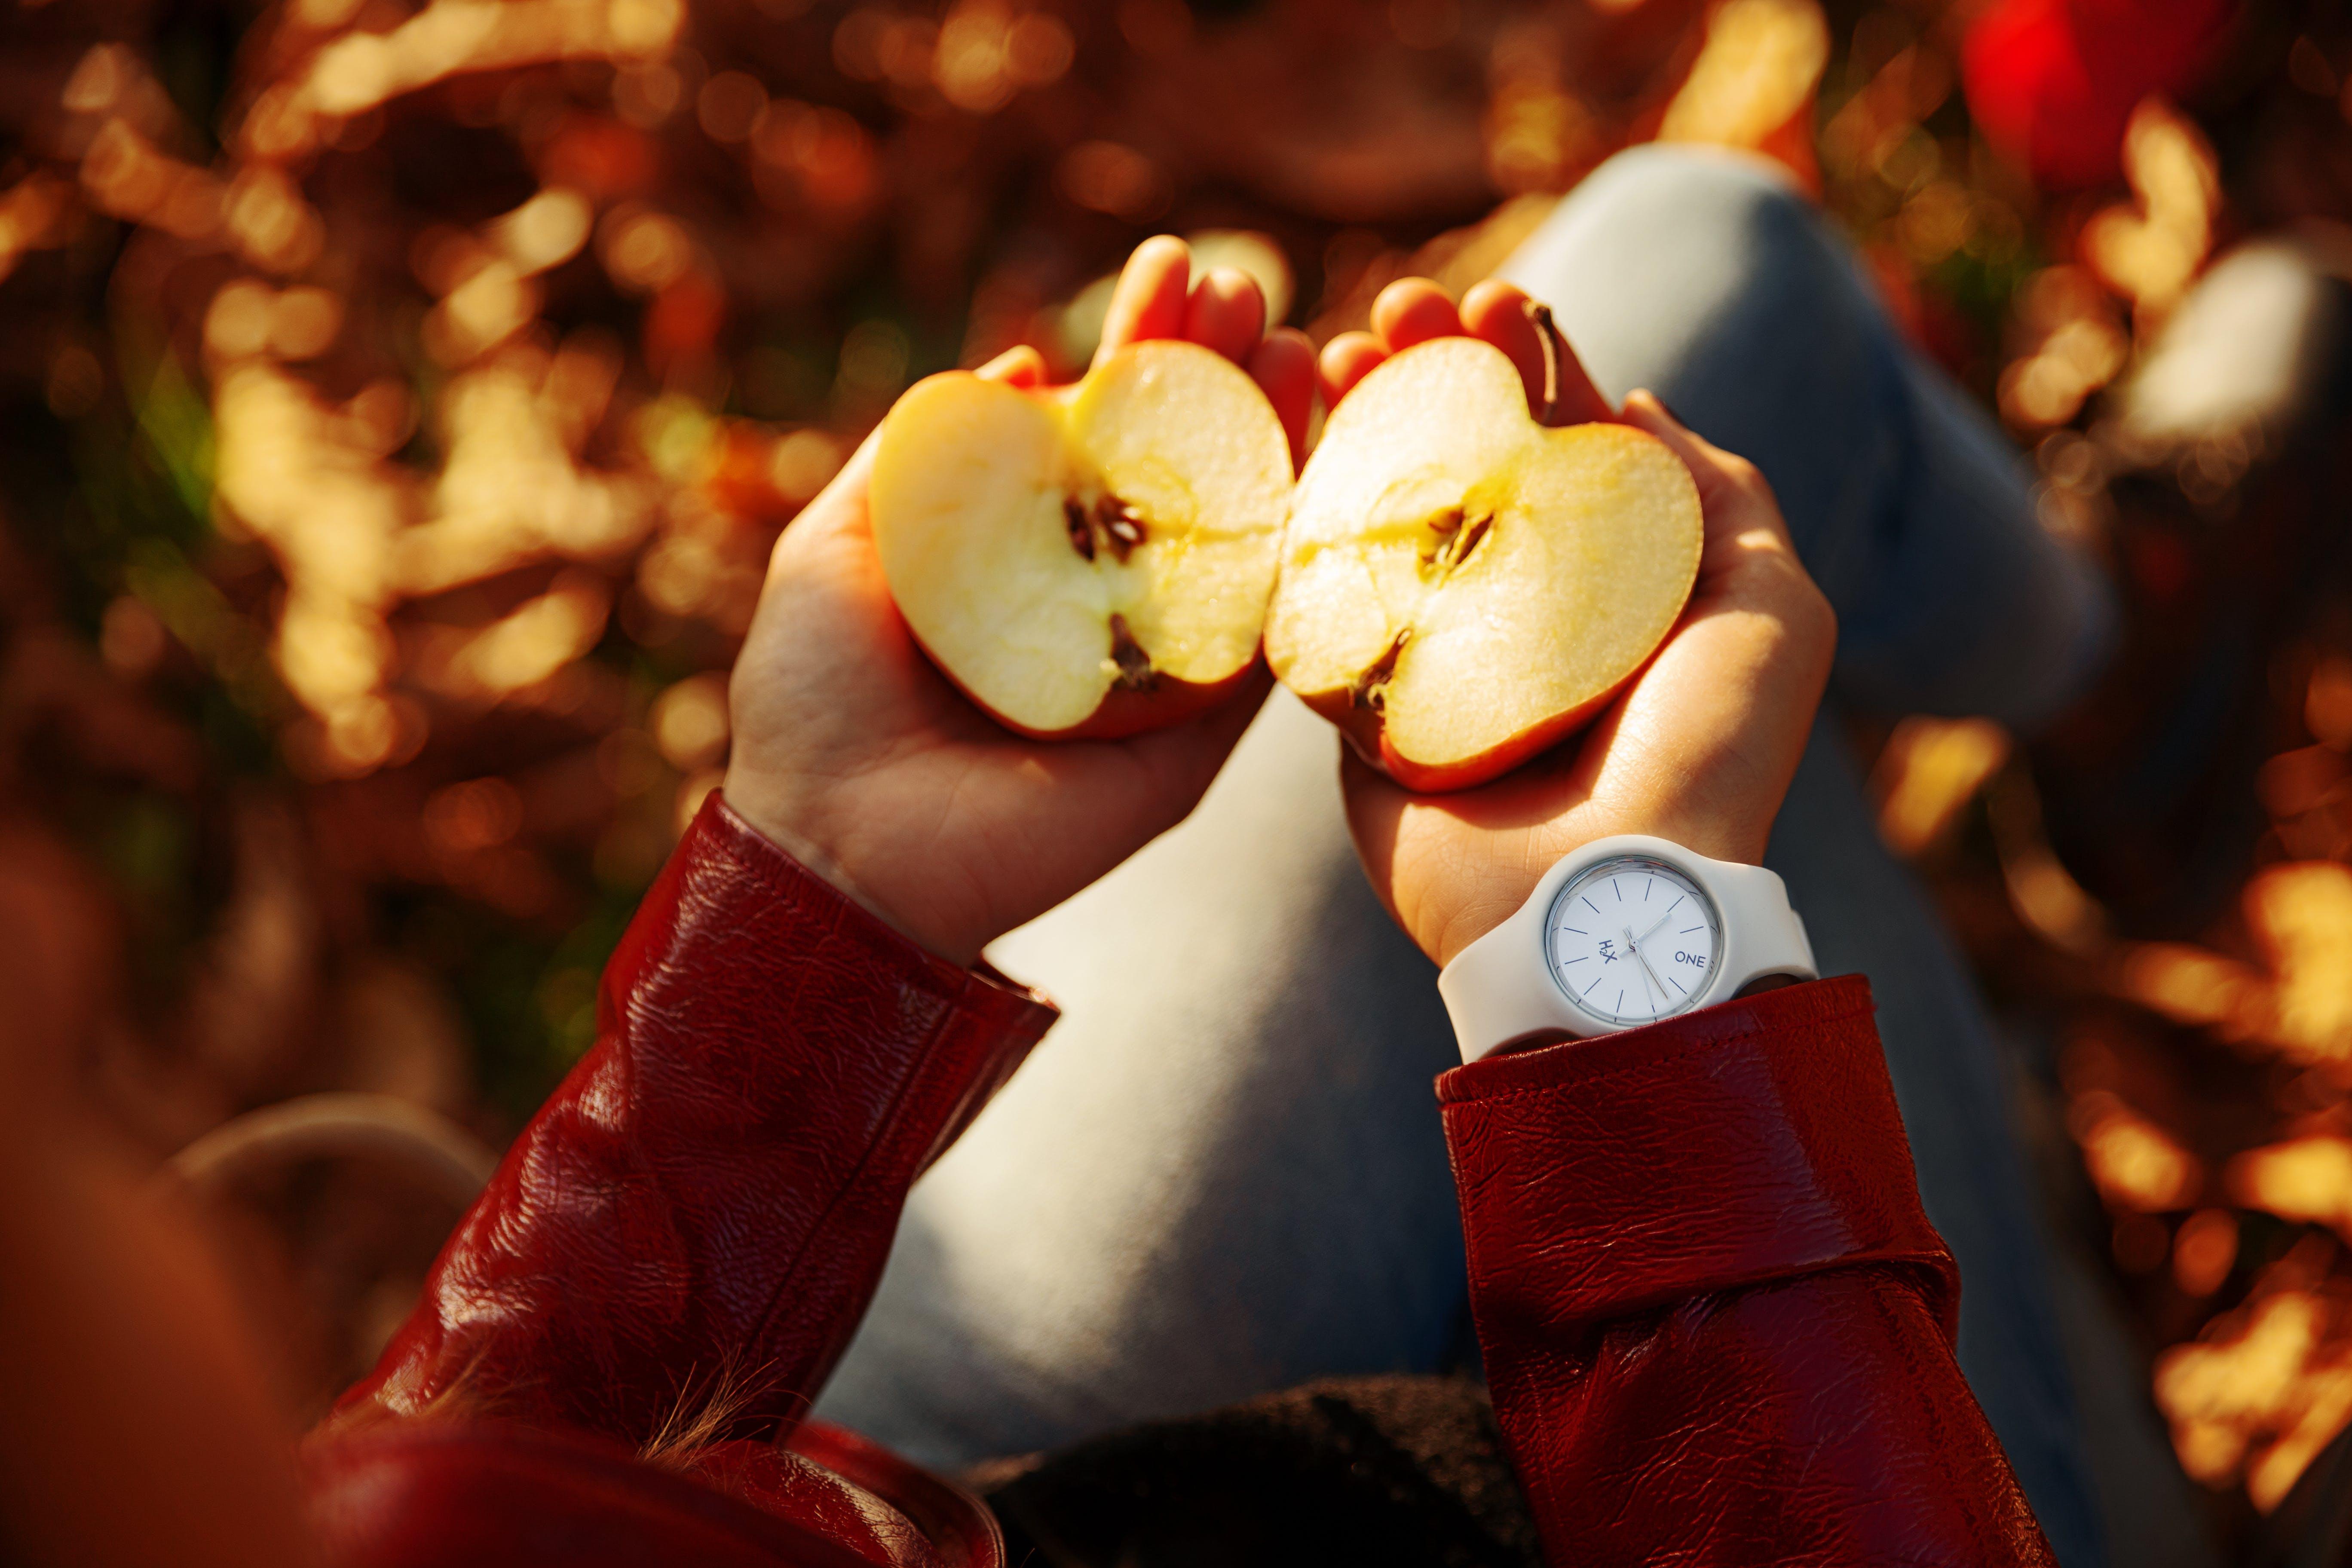 Kostenloses Stock Foto zu apfel, armbanduhr, essen, frucht